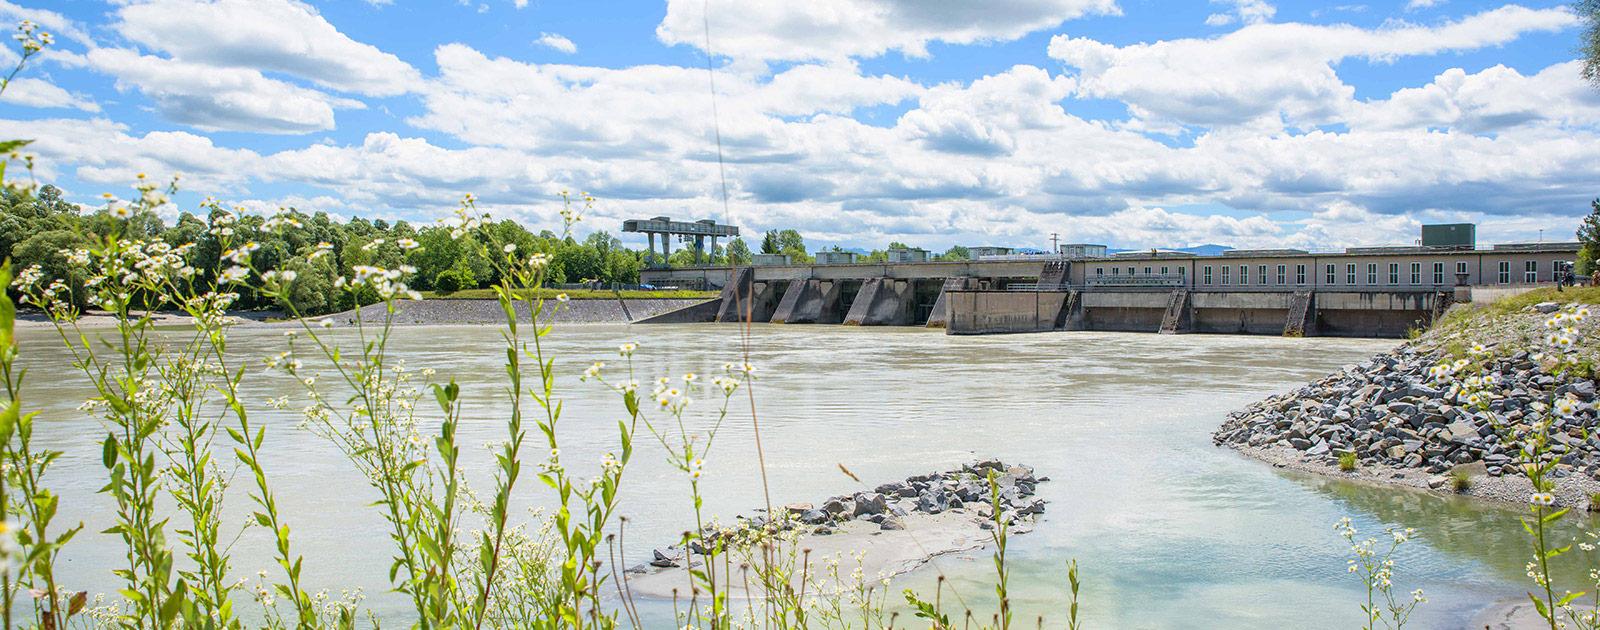 Ökostromvergleich: Strom aus Wasserkraft